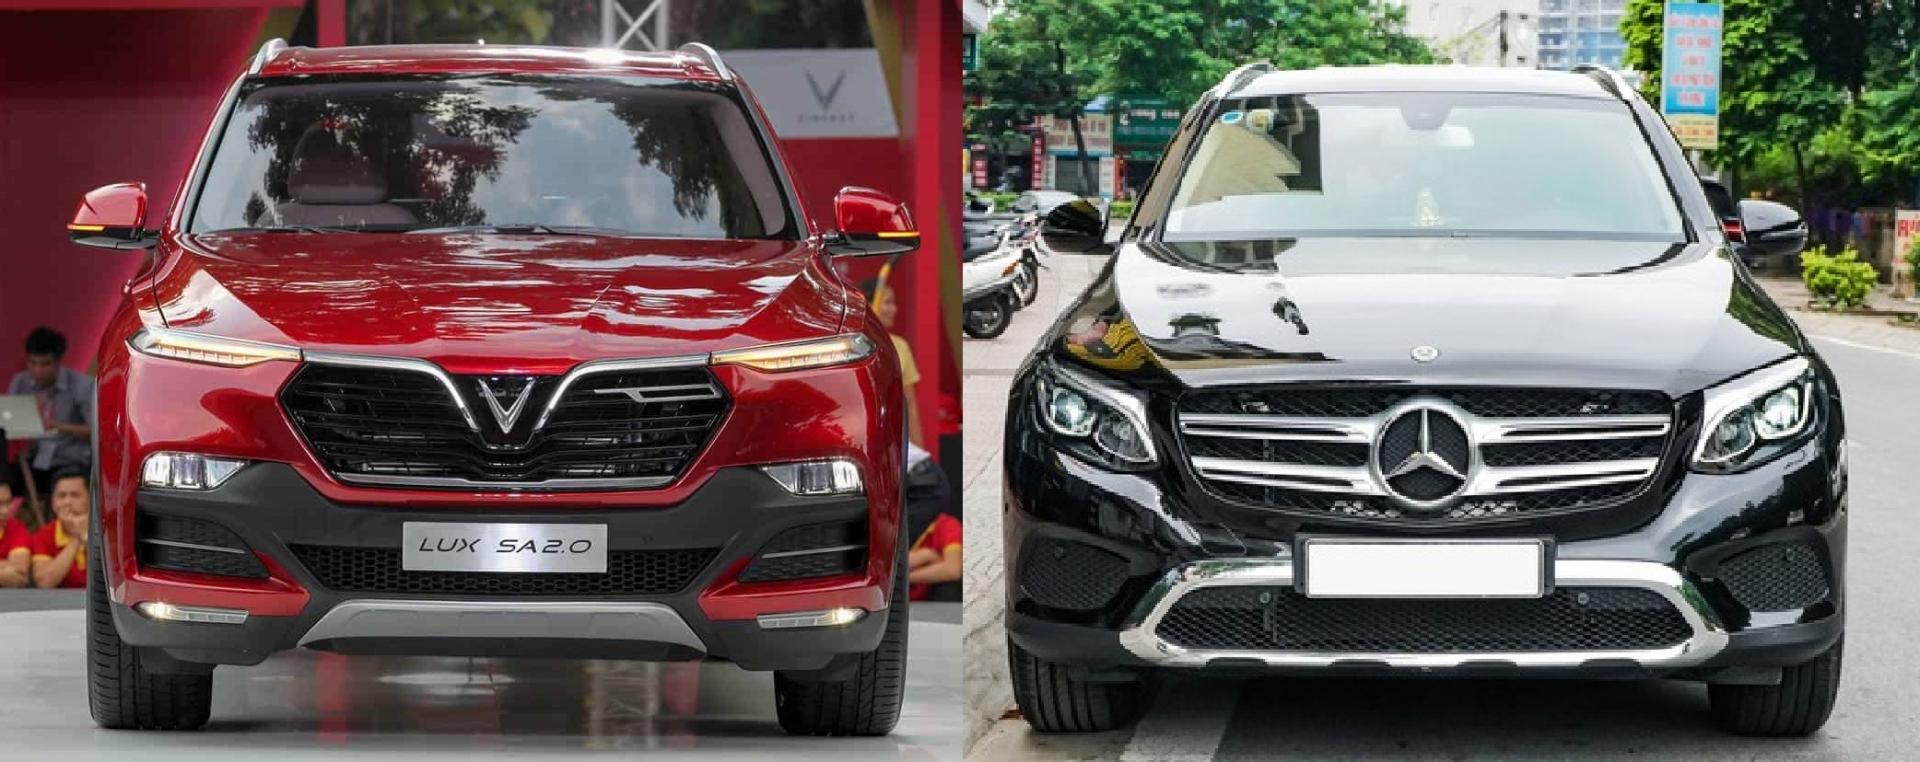 Ngoại thất xe Lux SA2.0 và GLC 200